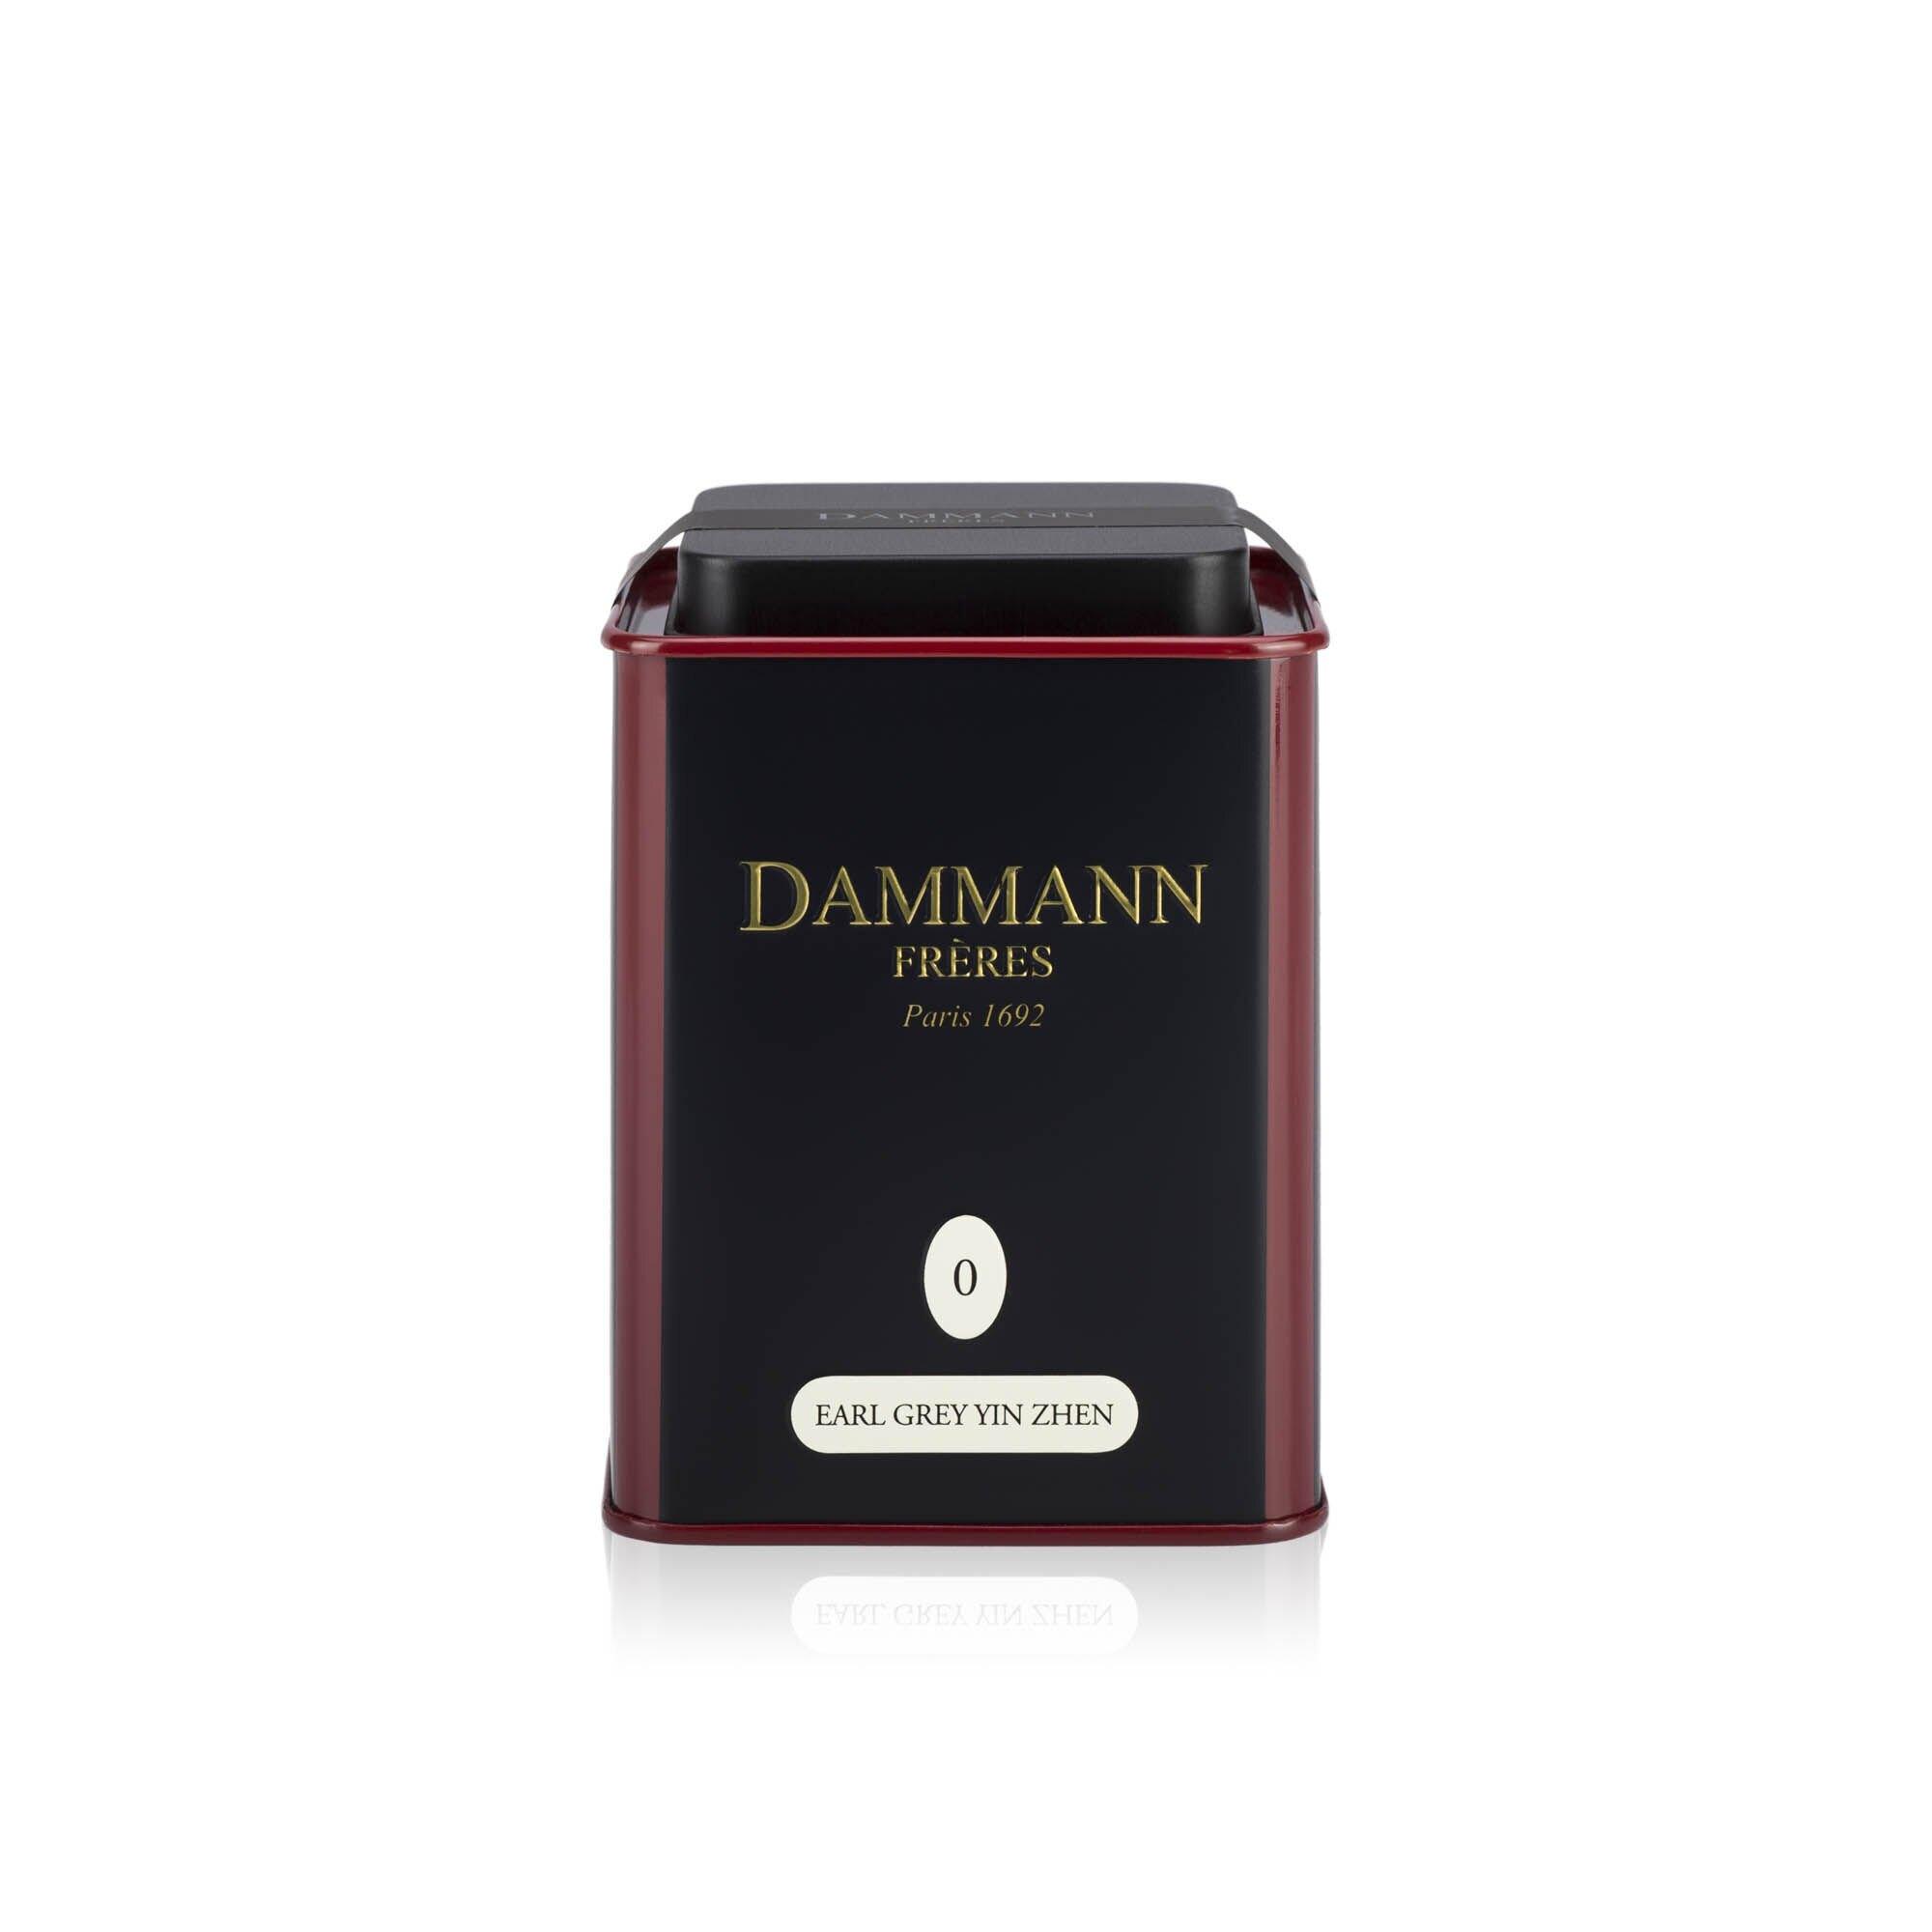 Dammann® Earl Grey Yin Zhen